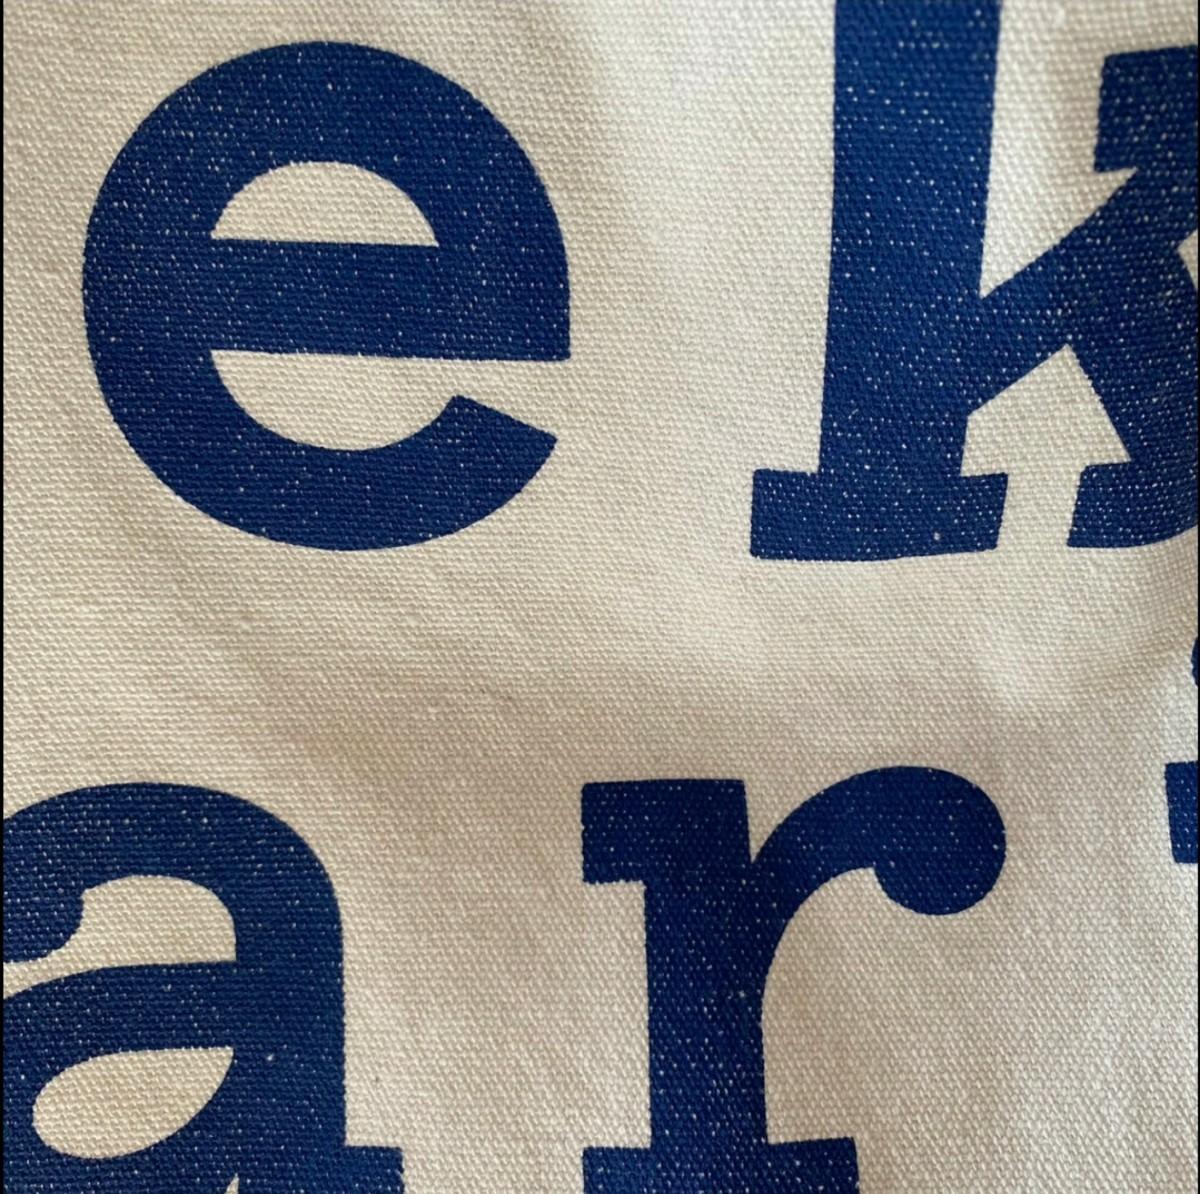 【ラスト1点】マリメッコ トートバッグ 青 ロゴ ブルー エコバッグ 新品